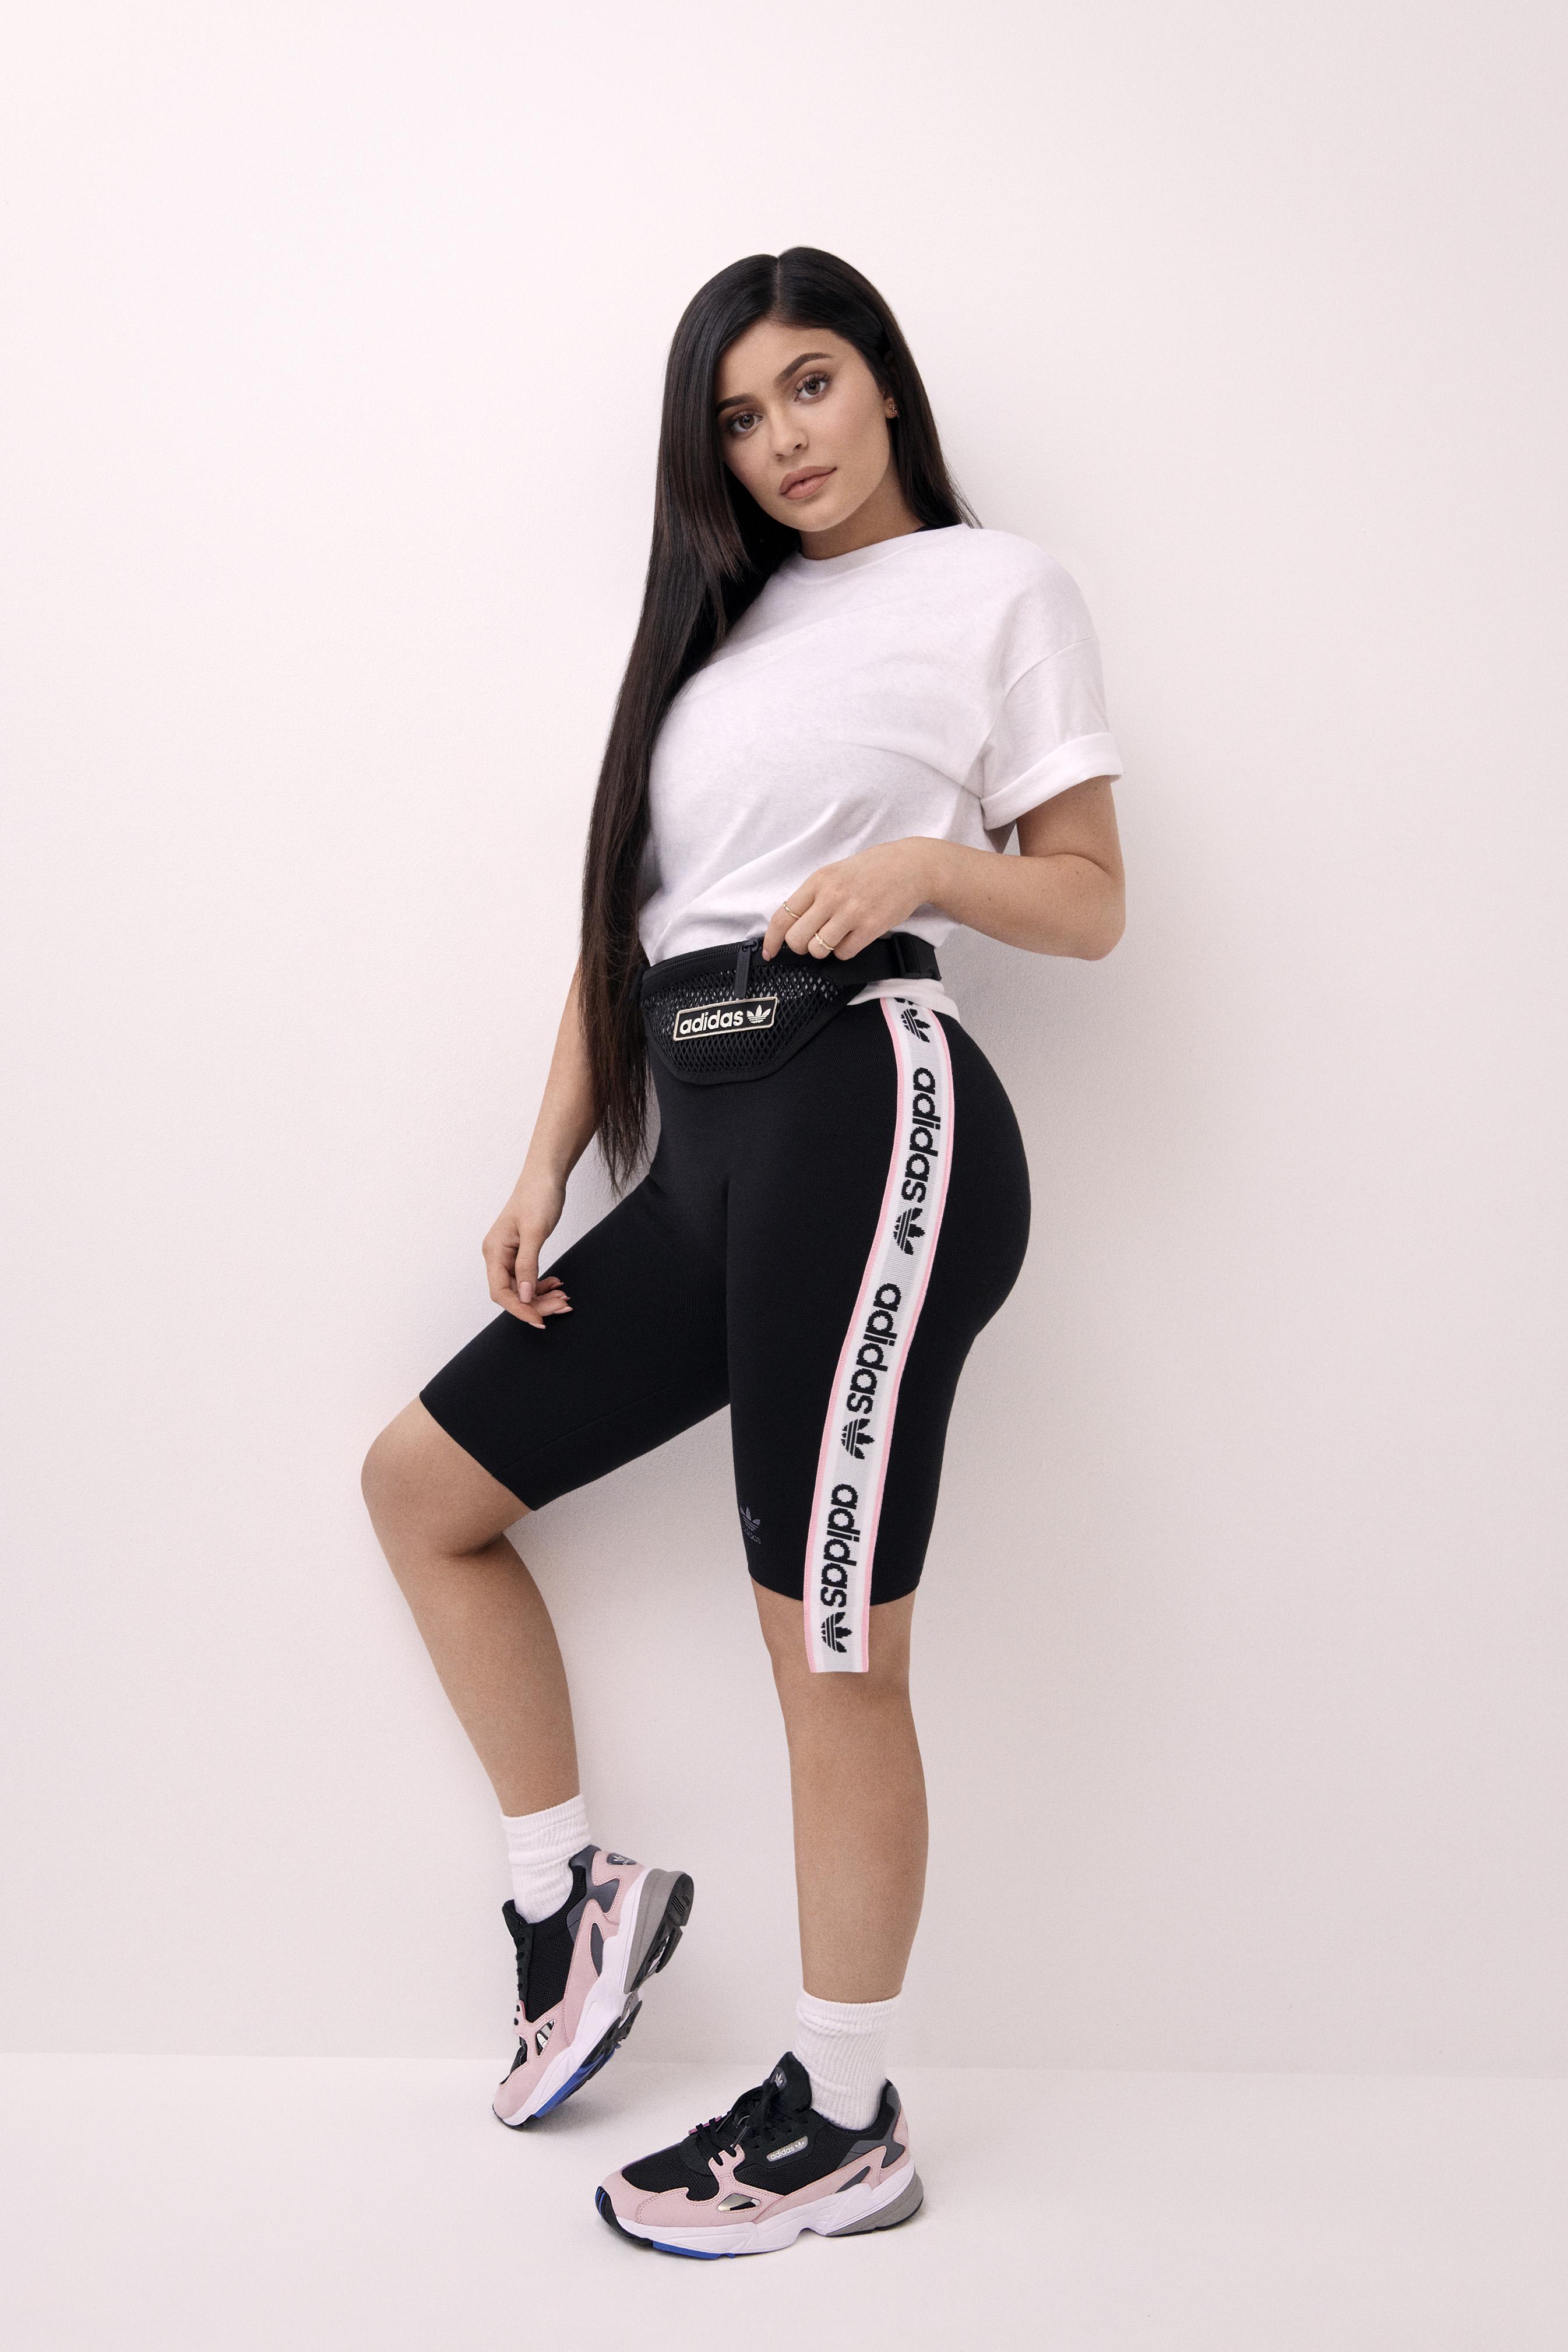 Kylie Jenner, égérie de la sneaker Falcon d'adidas Originals